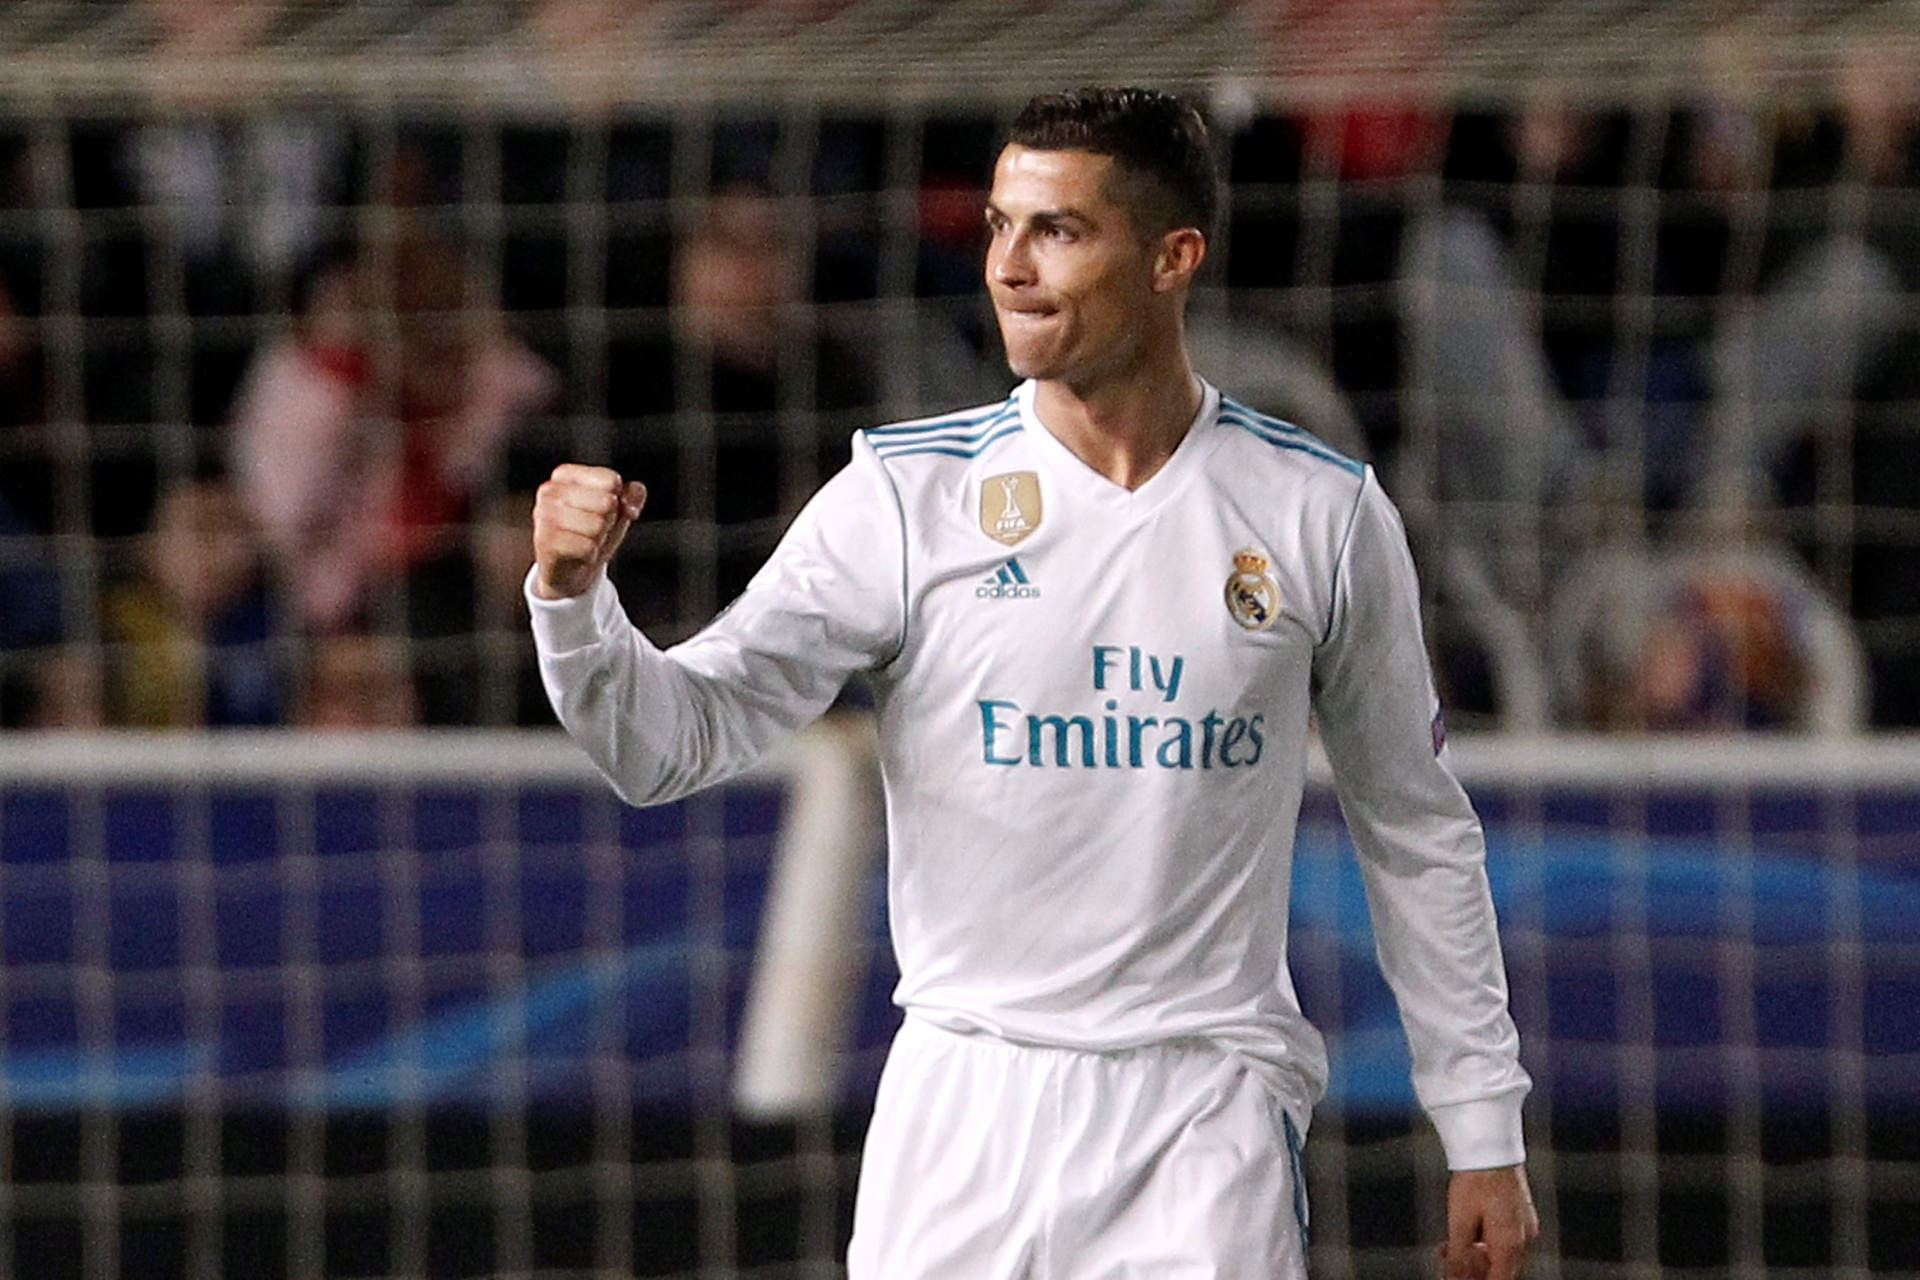 351adeab85 Cristiano Ronaldo se irrita e diz que é mal interpretado em entrevistas -  22 11 2017 - UOL Esporte